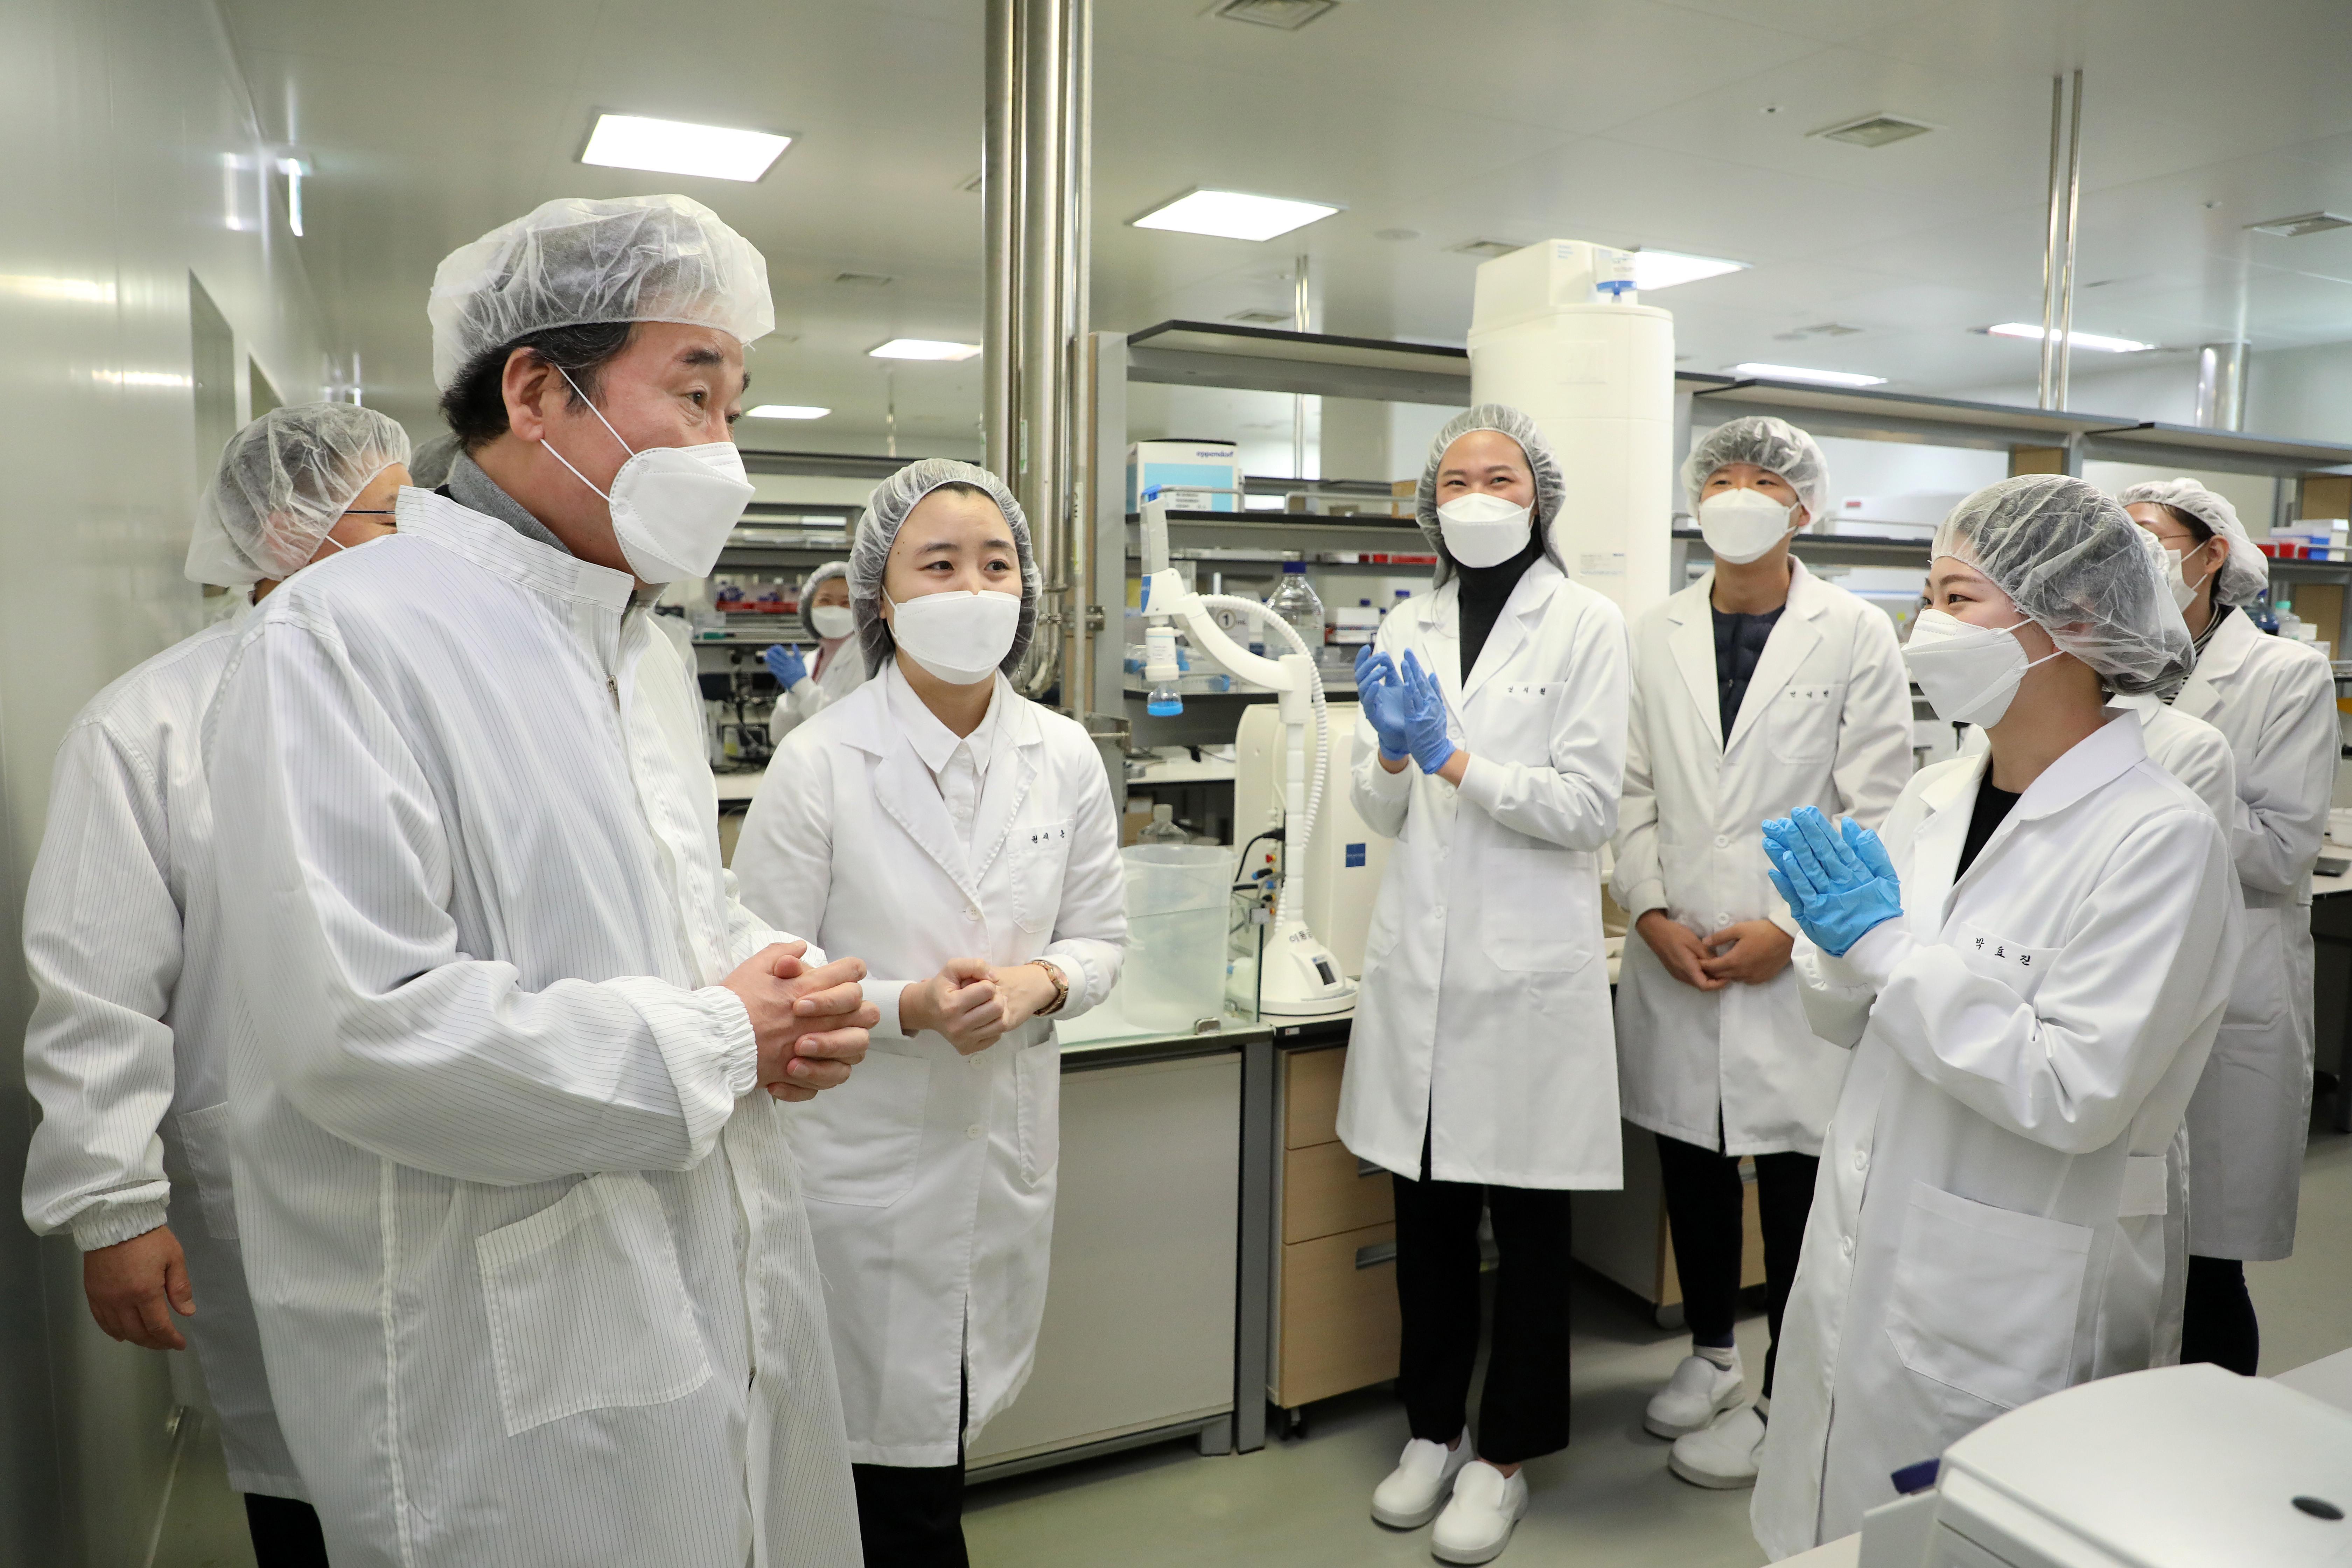 ▲▼南韓共同民主黨魁李洛淵造訪SK生技,該藥廠代理生產阿斯利康新冠疫苗。(圖/達志影像)